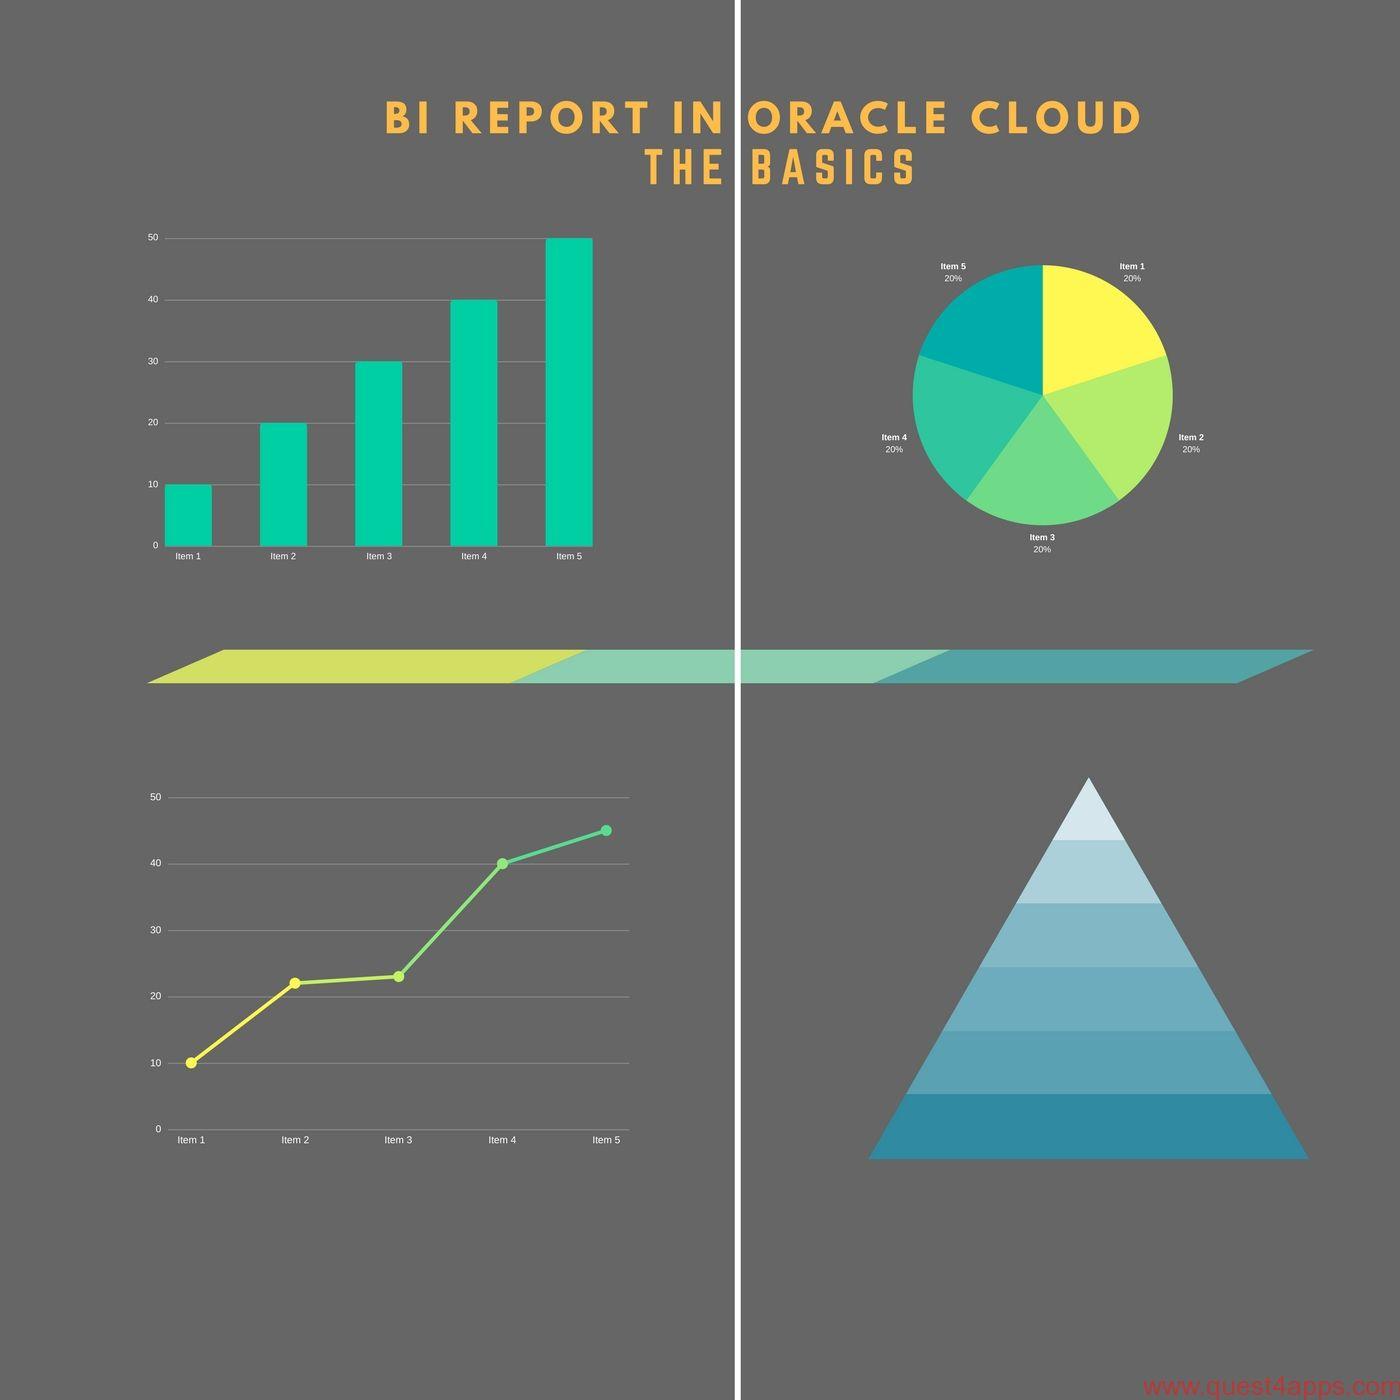 BI Report